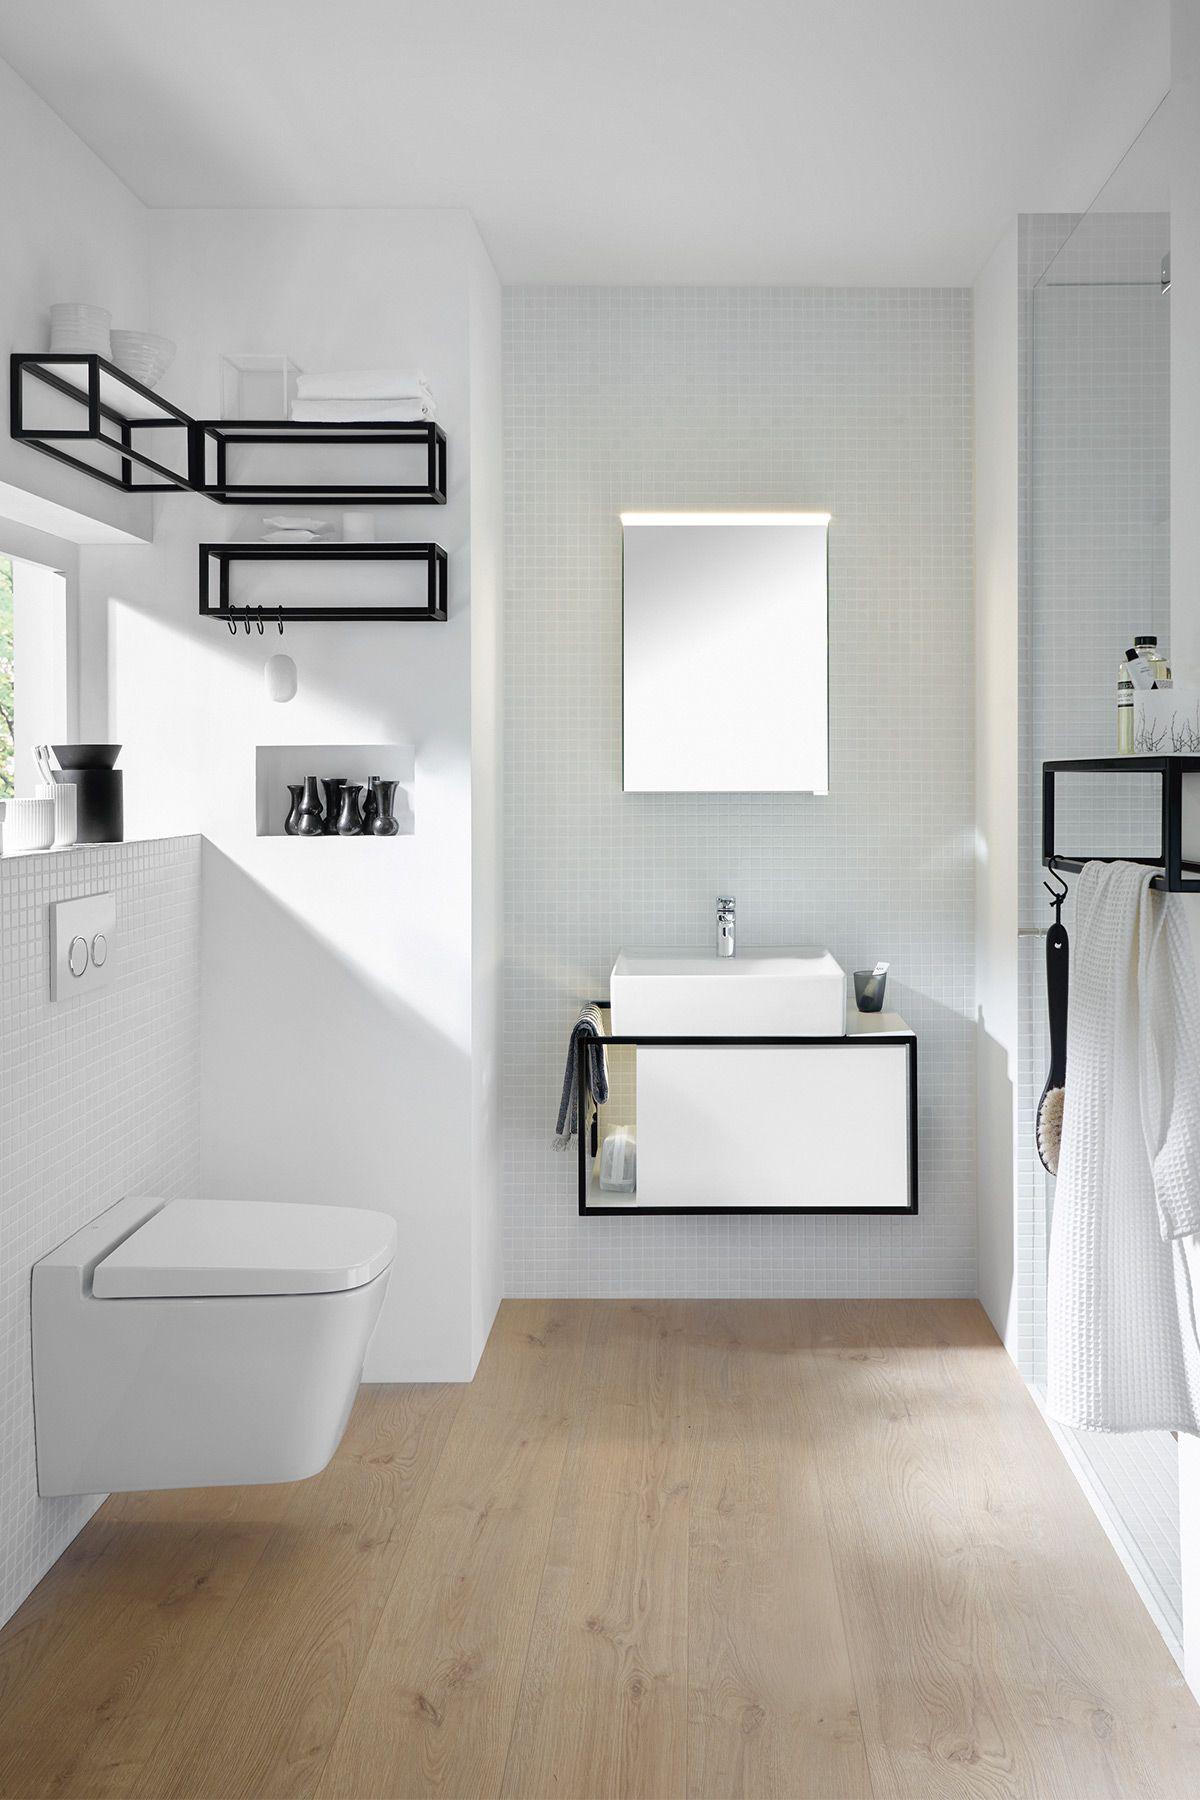 junit von burgbad lebt von dem spiel von linien fl chen und geschlossenen und offenen k rpern. Black Bedroom Furniture Sets. Home Design Ideas